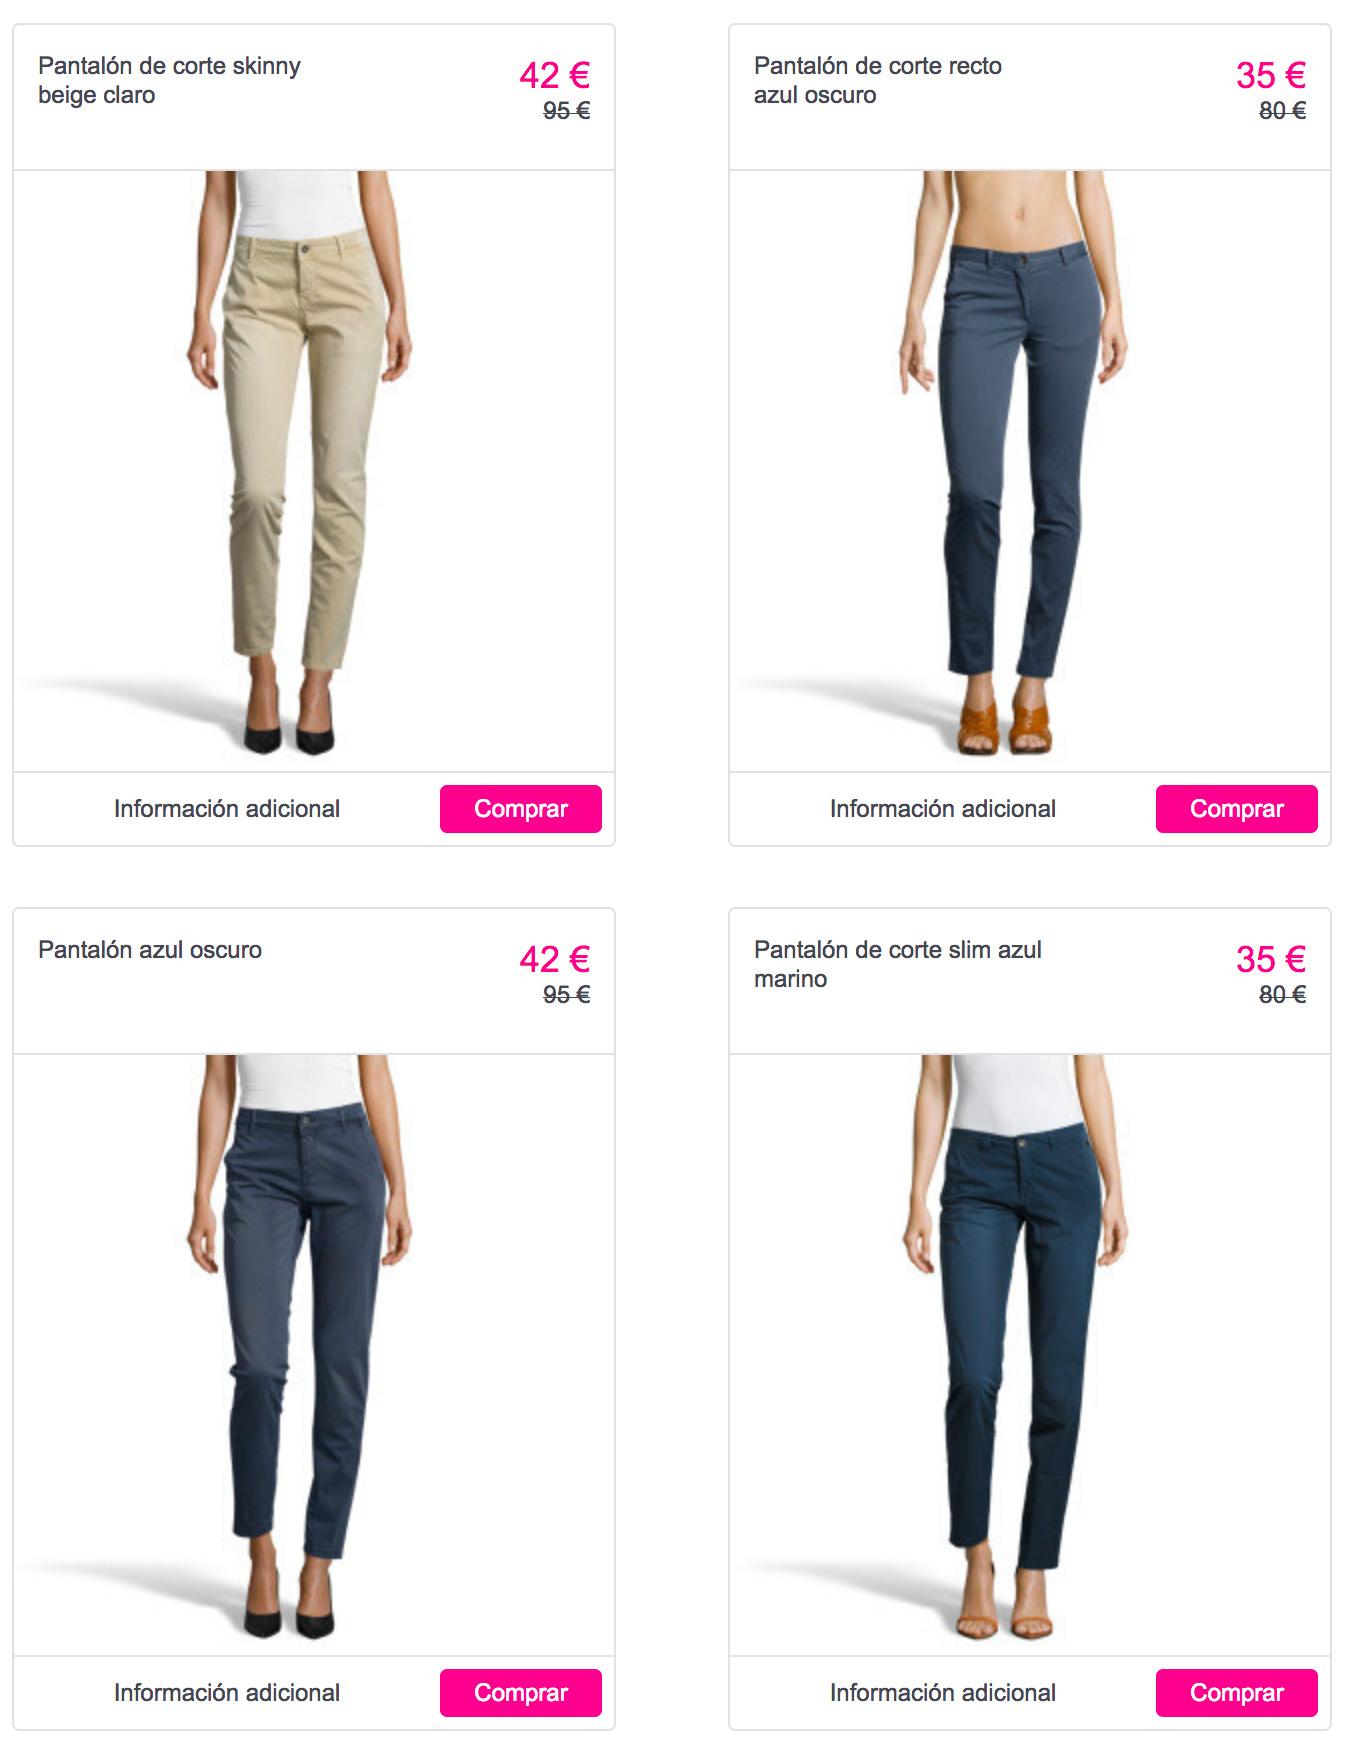 a76f0546 Descuentos de hasta el 60% en el catálogo de moda de Pepe Jeans para ...